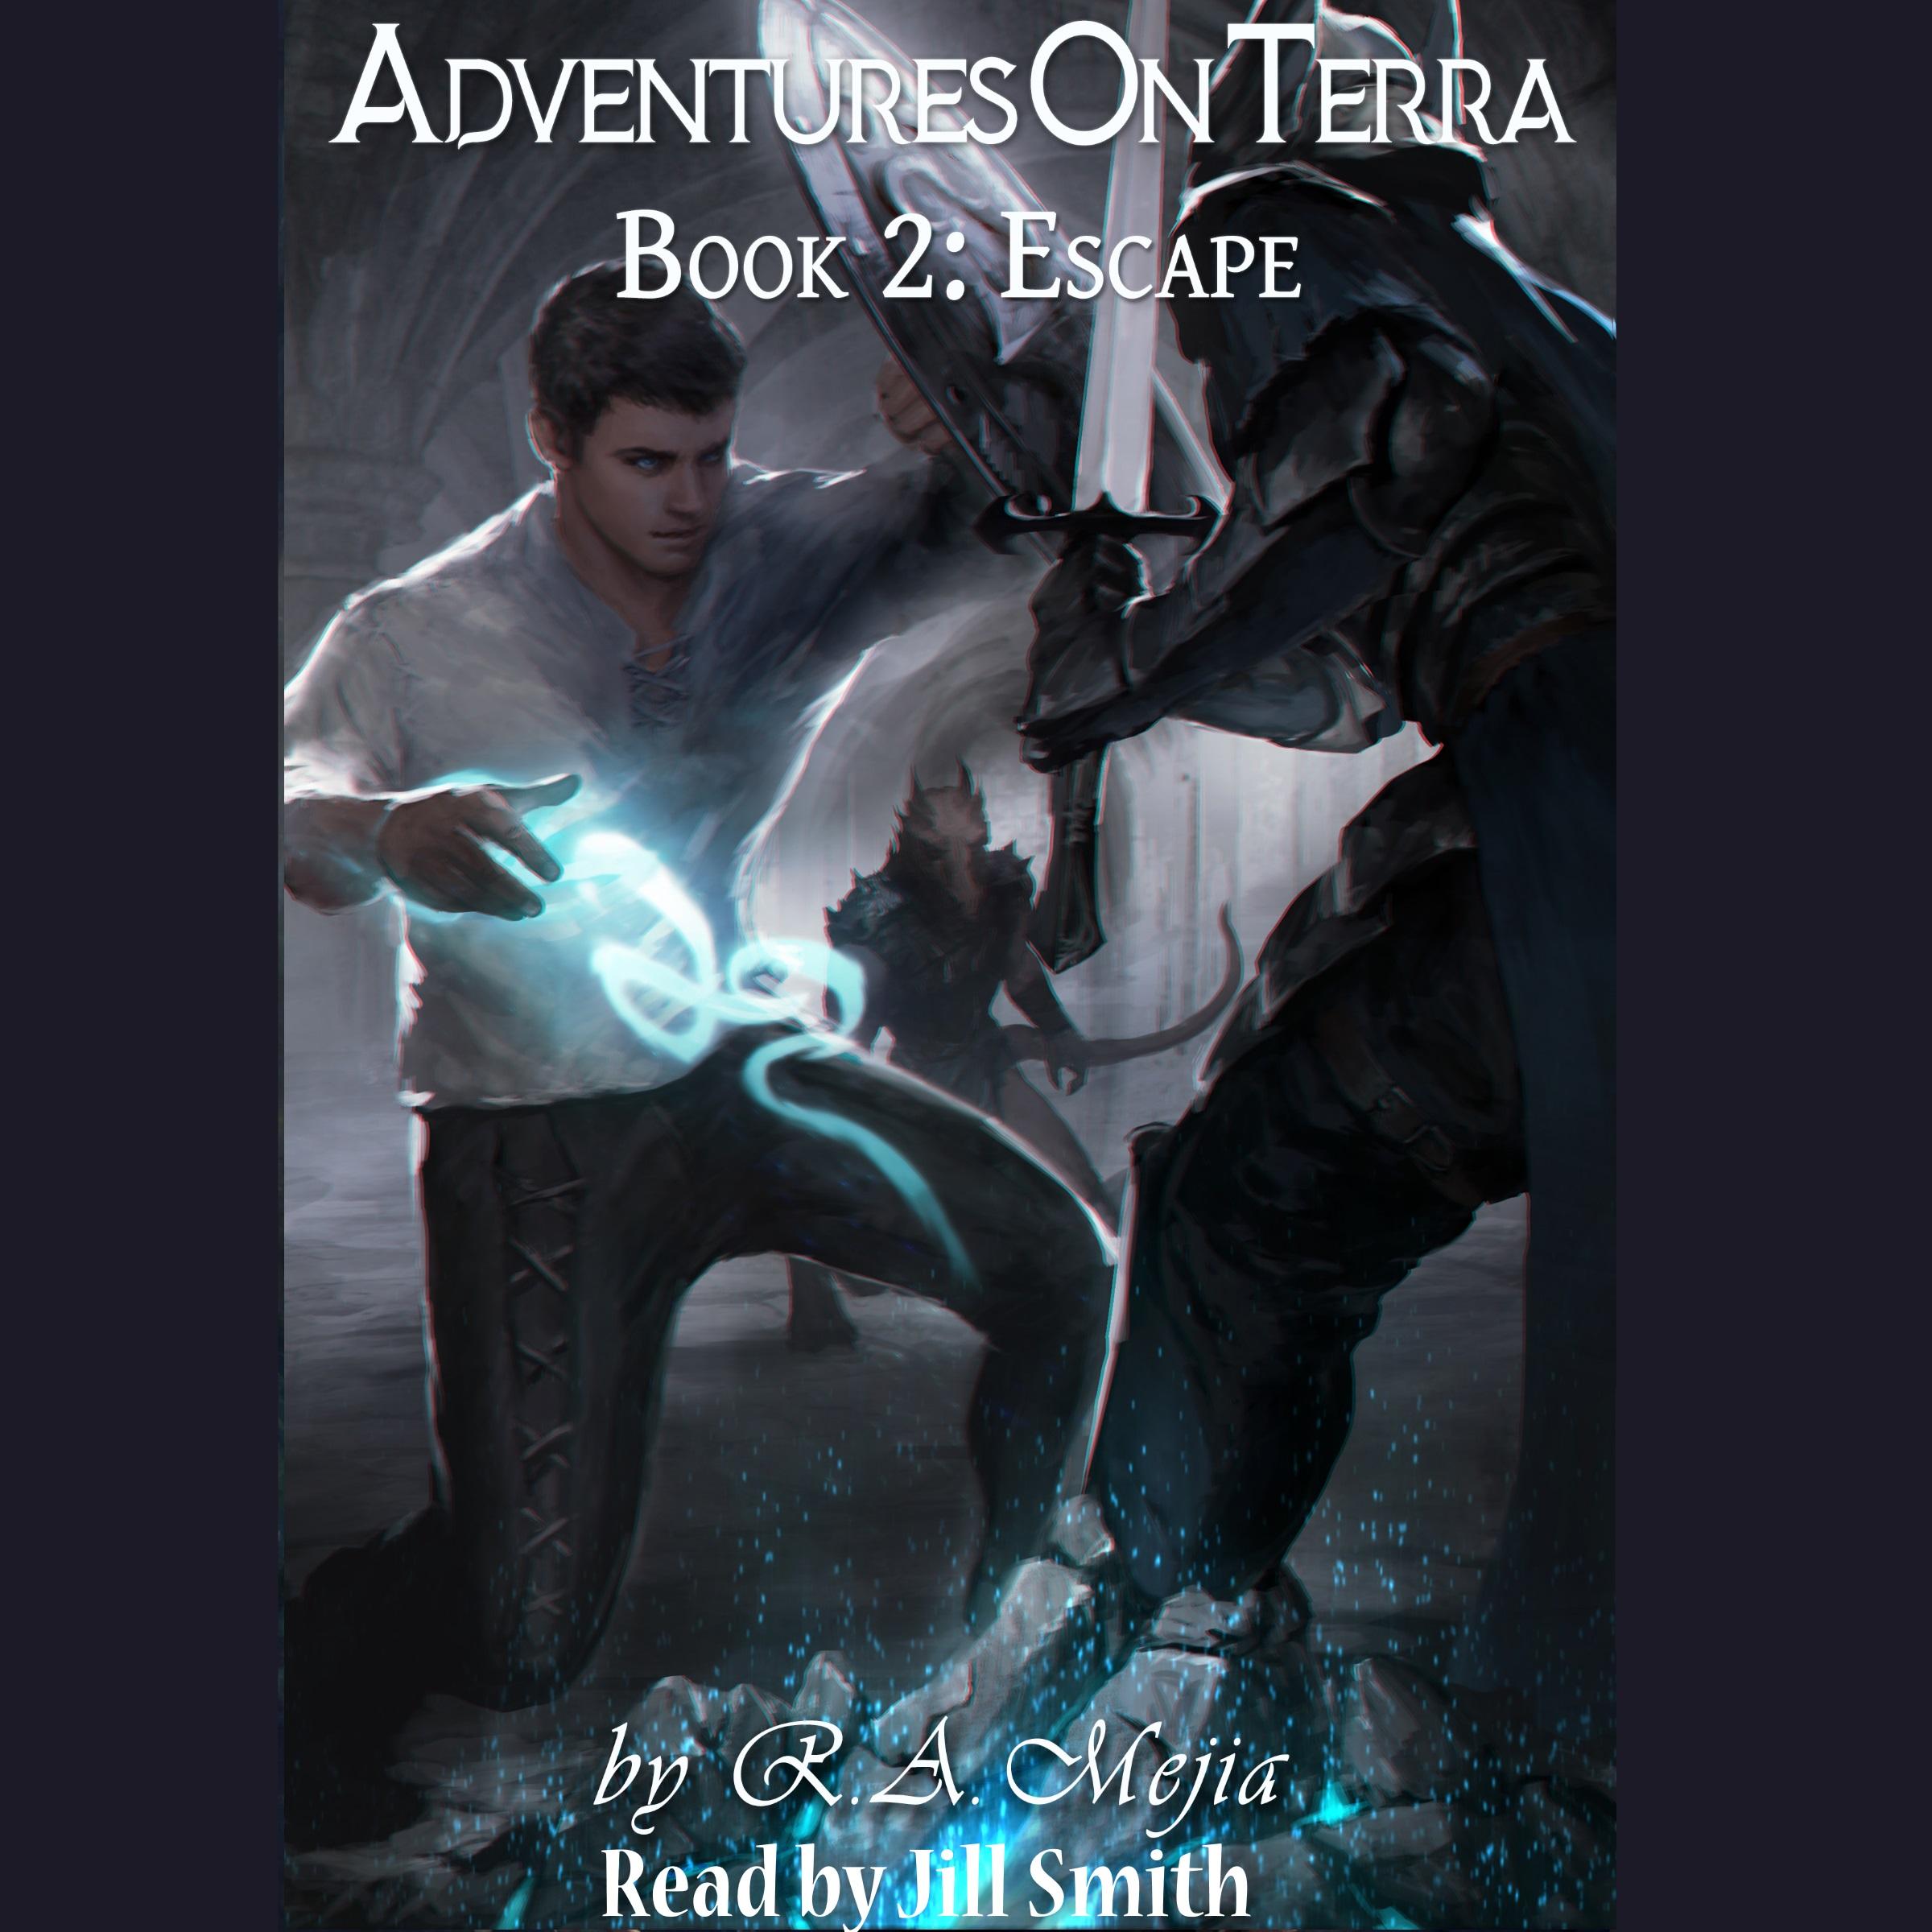 TerraBk2FinalAudiobookCover.jpg